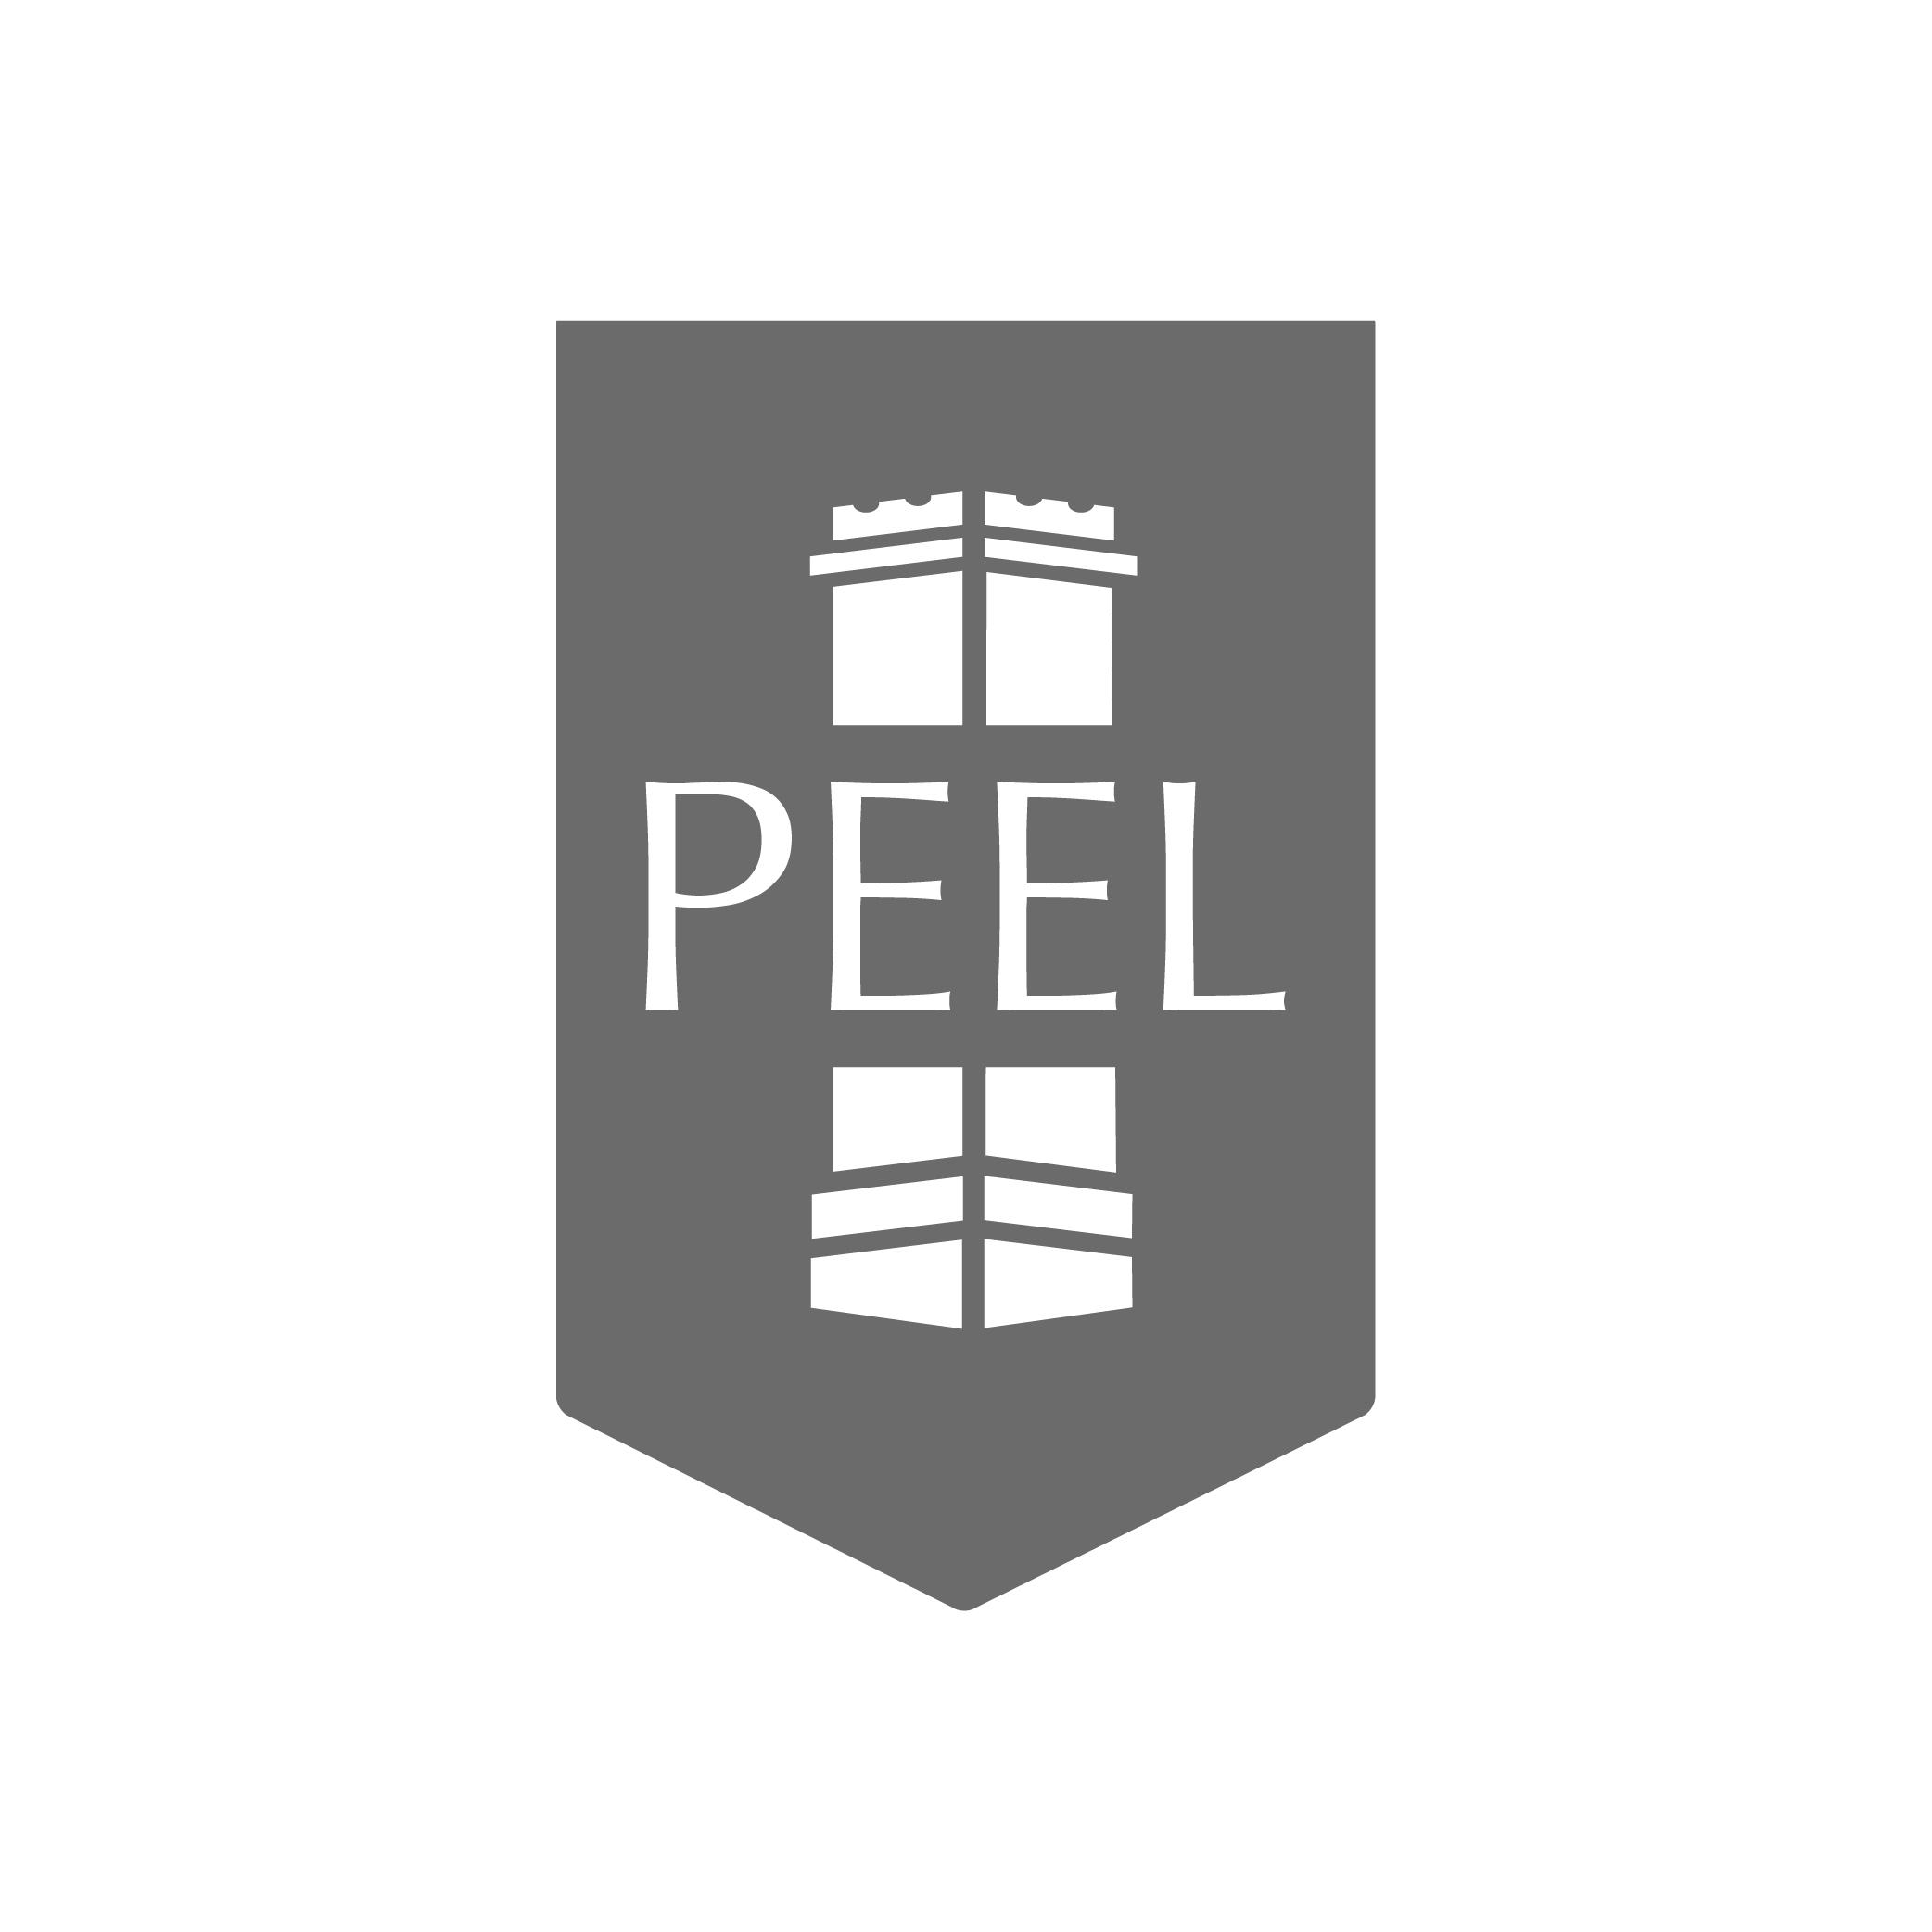 Peel.jpg